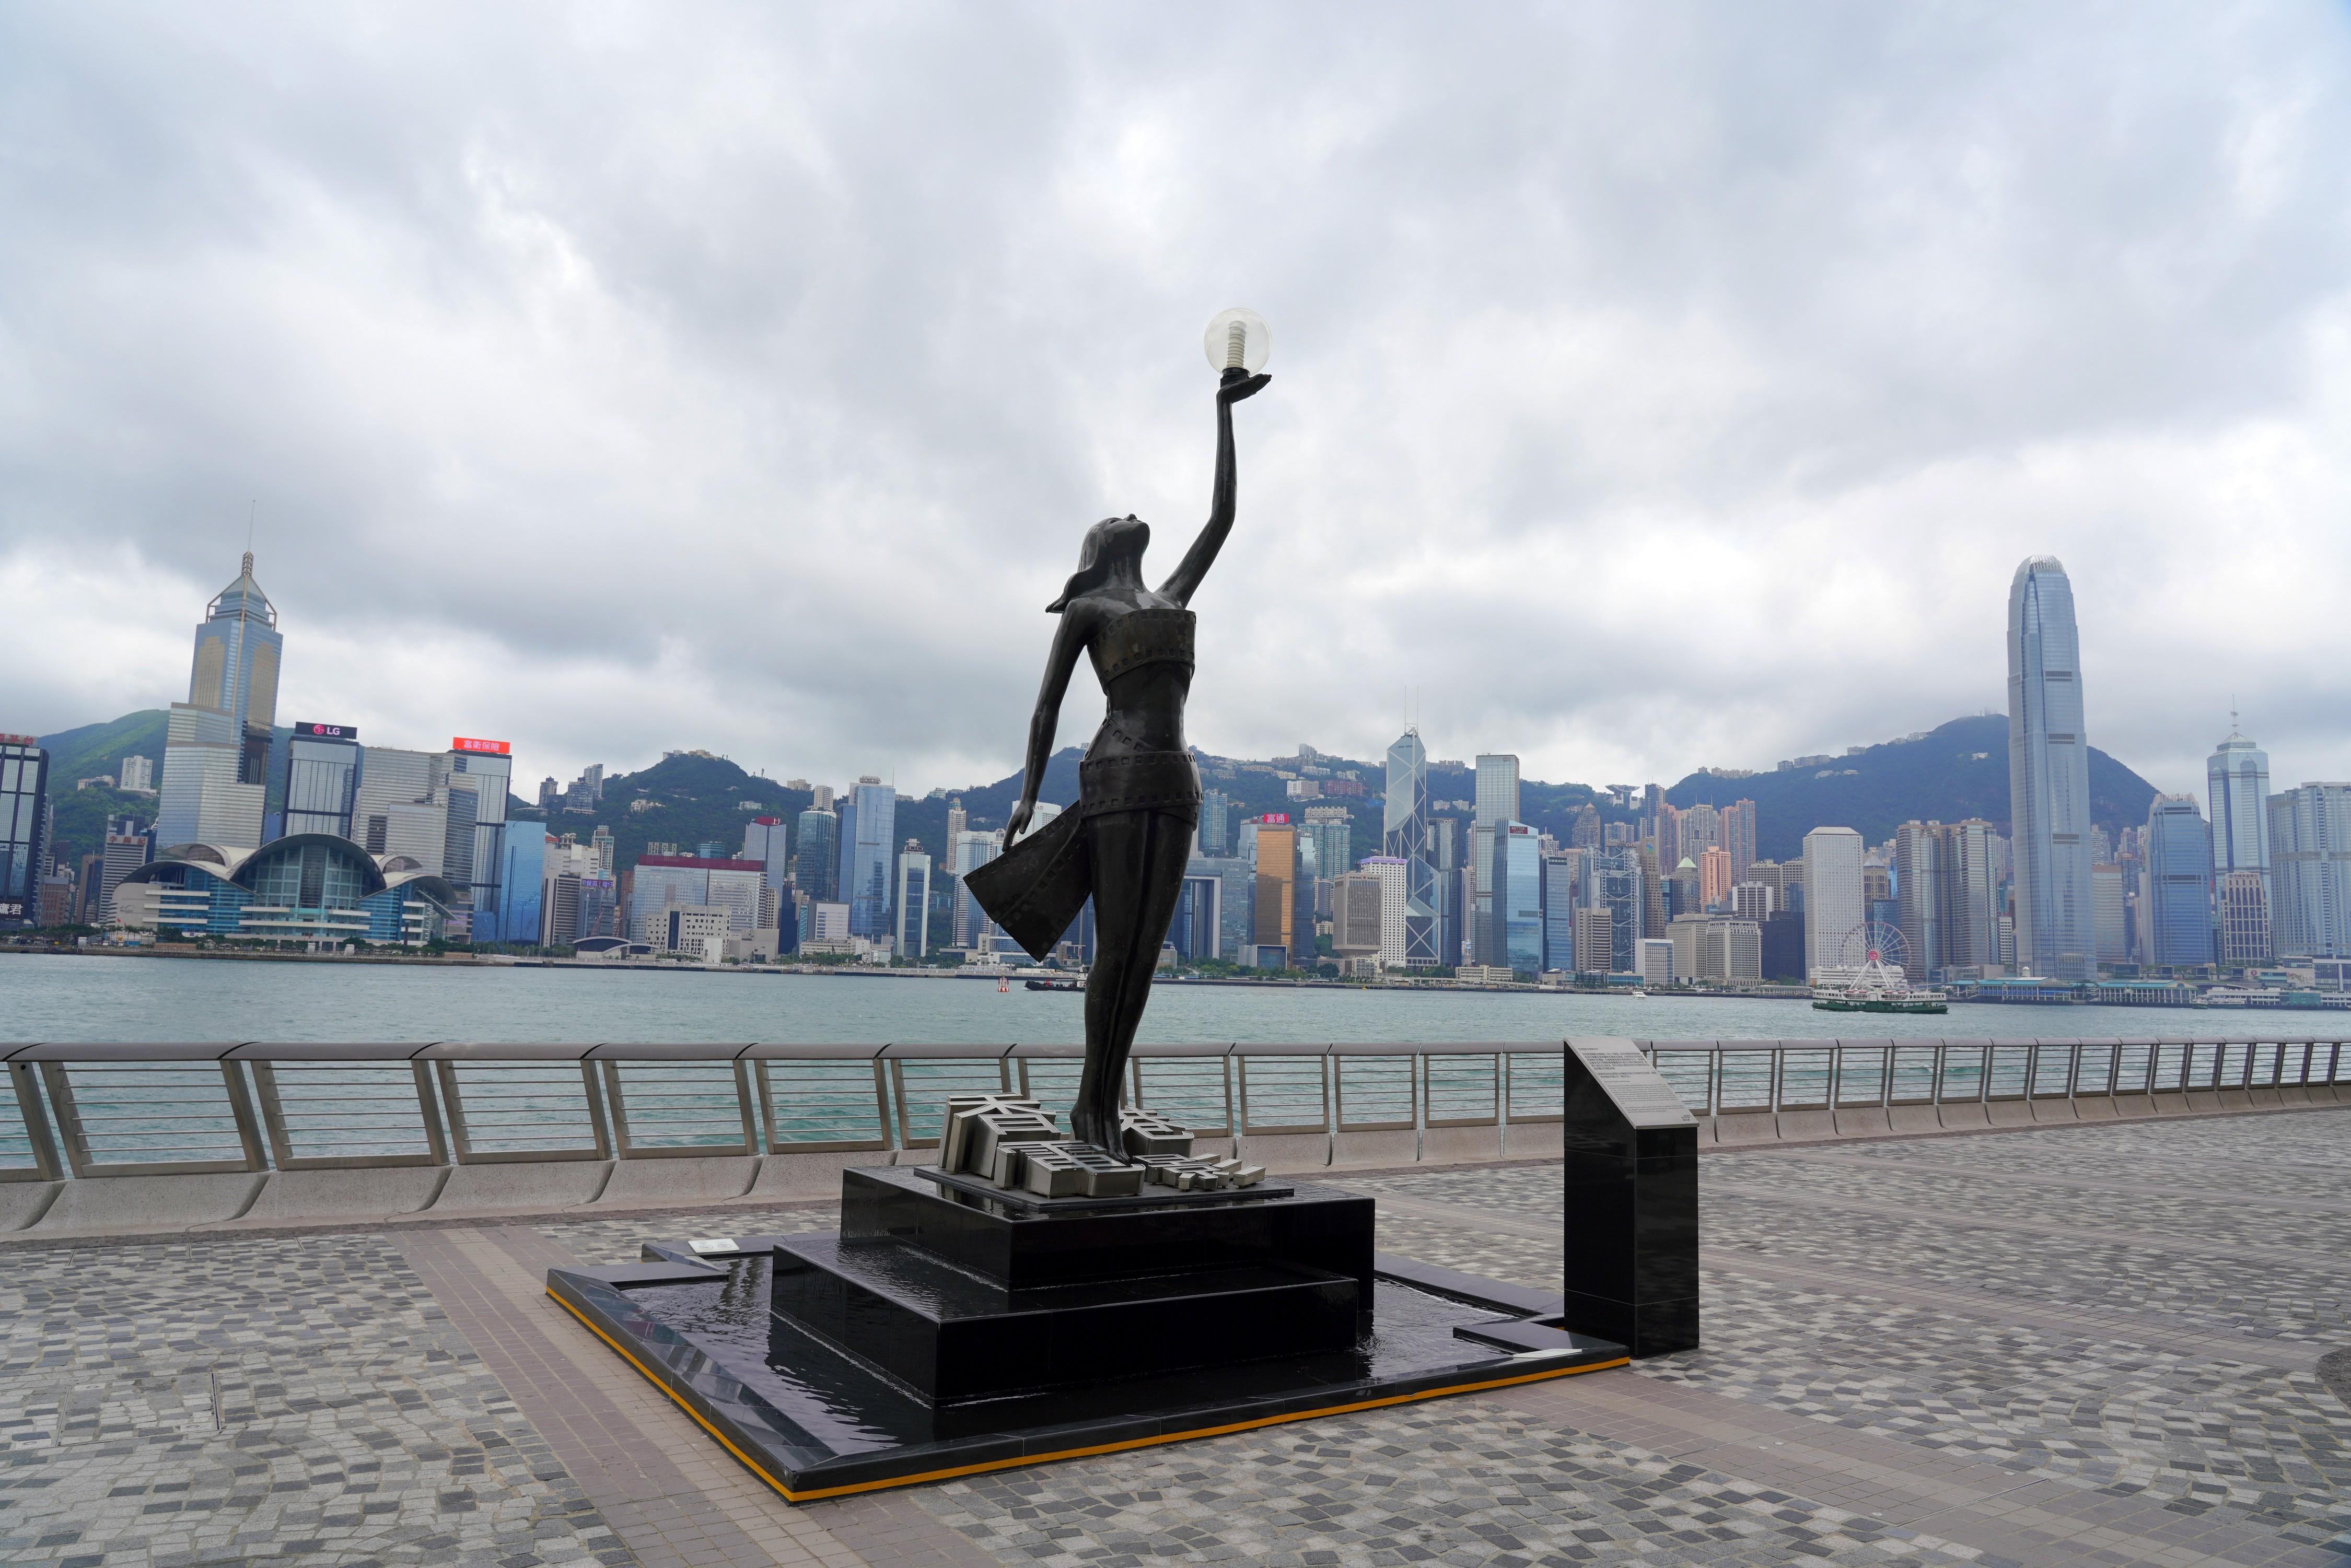 第40屆香港電影金像獎因疫情延後至2022舉行